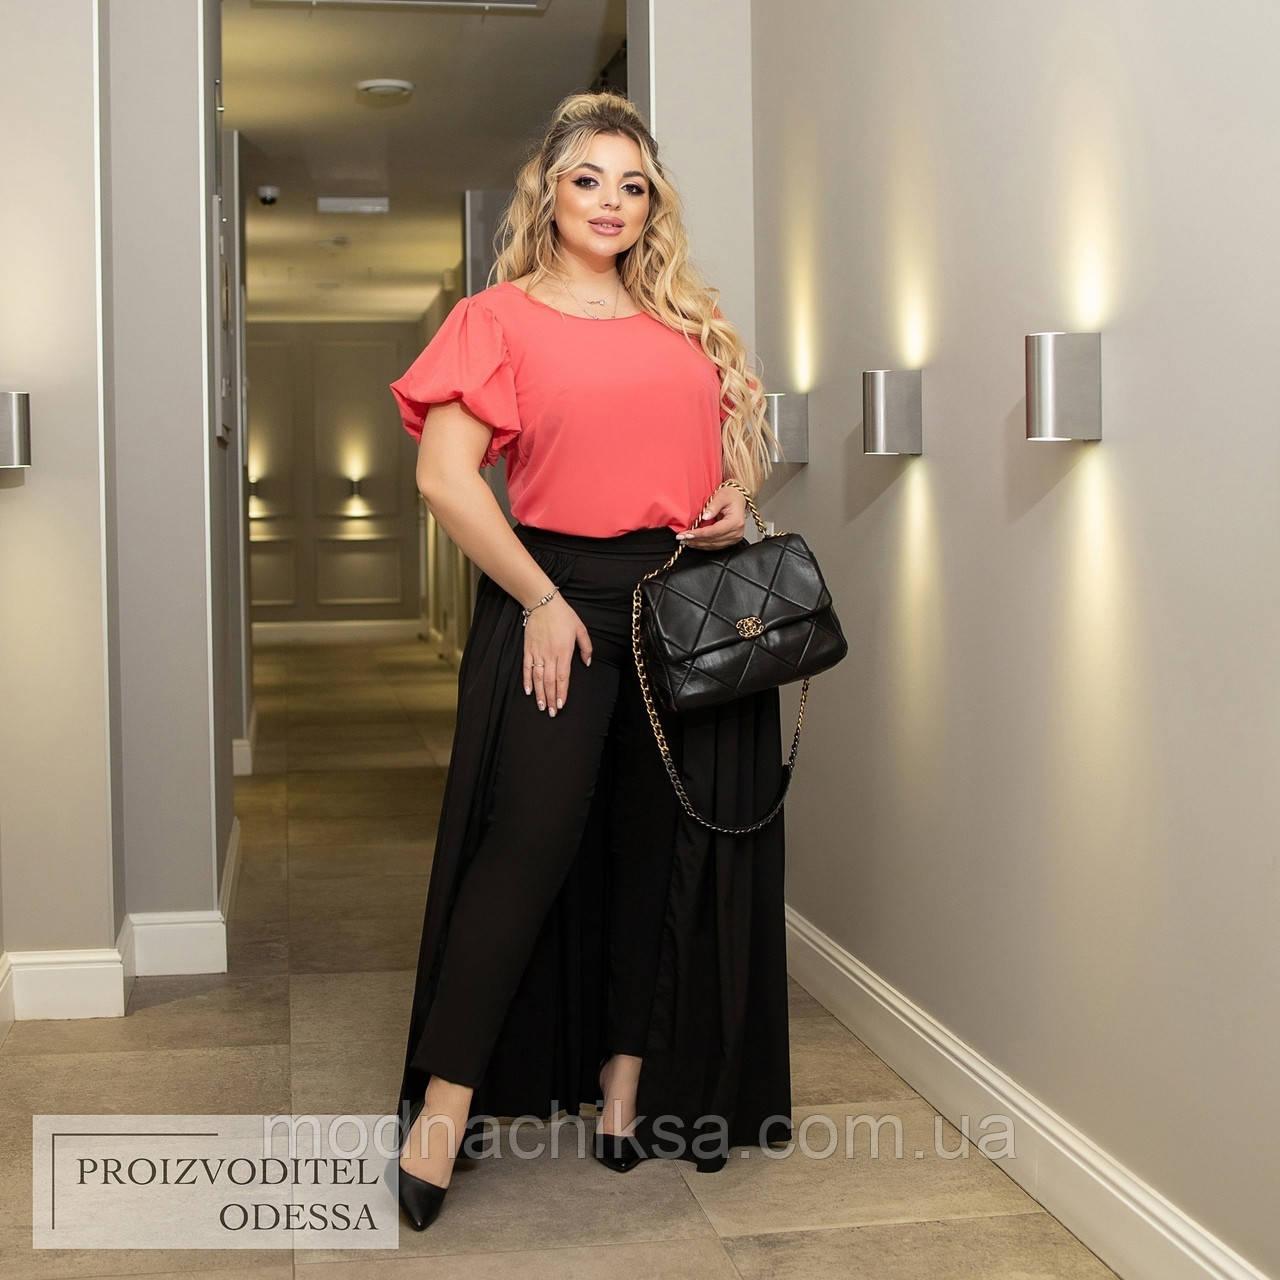 Костюм штани з спідницею +блузка big size